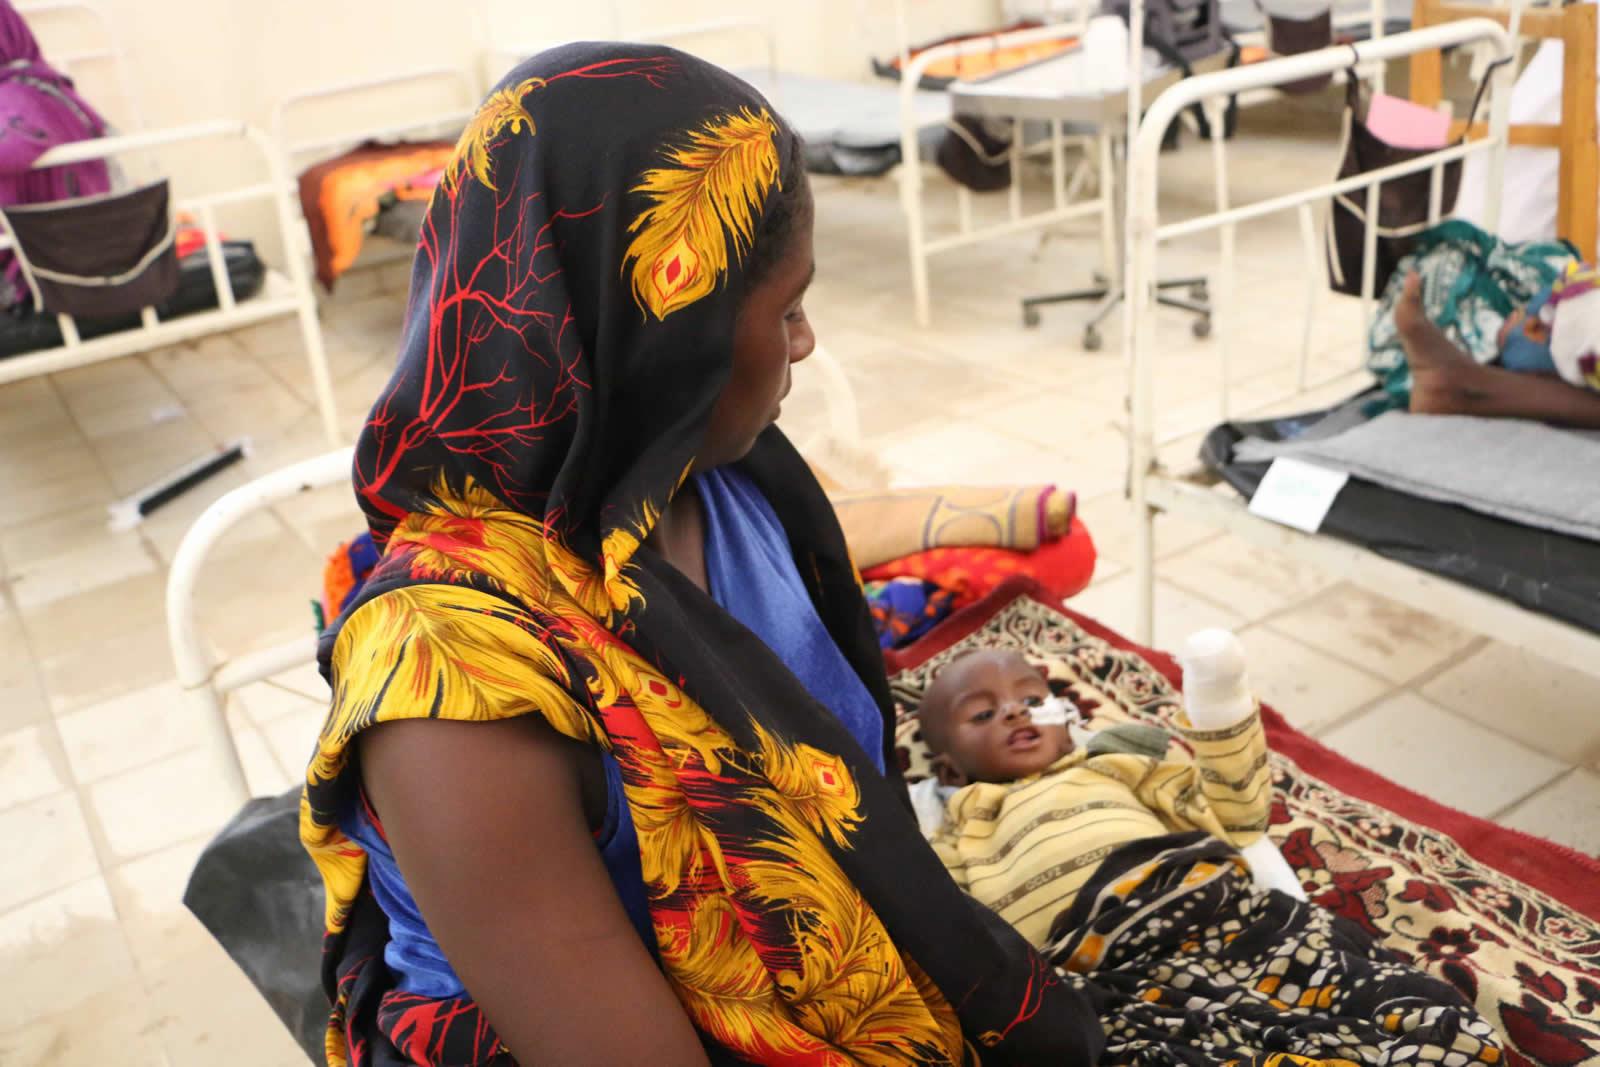 19歲的凡納(Fanna)抱著她的孩子坐在營養中心的床上。